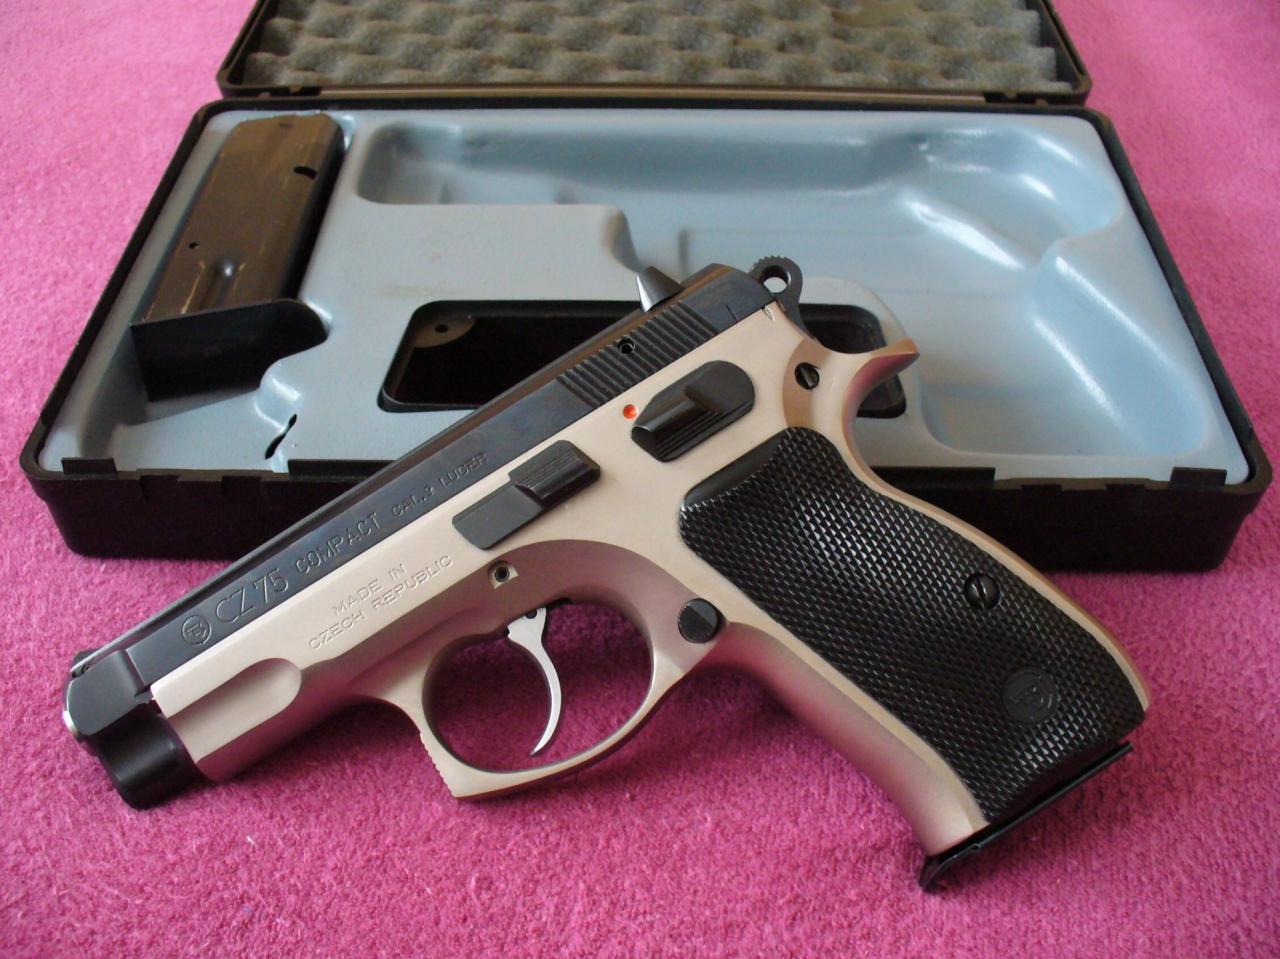 Самозарядный пистолет CZ-75: история создания, конструкция, модификации